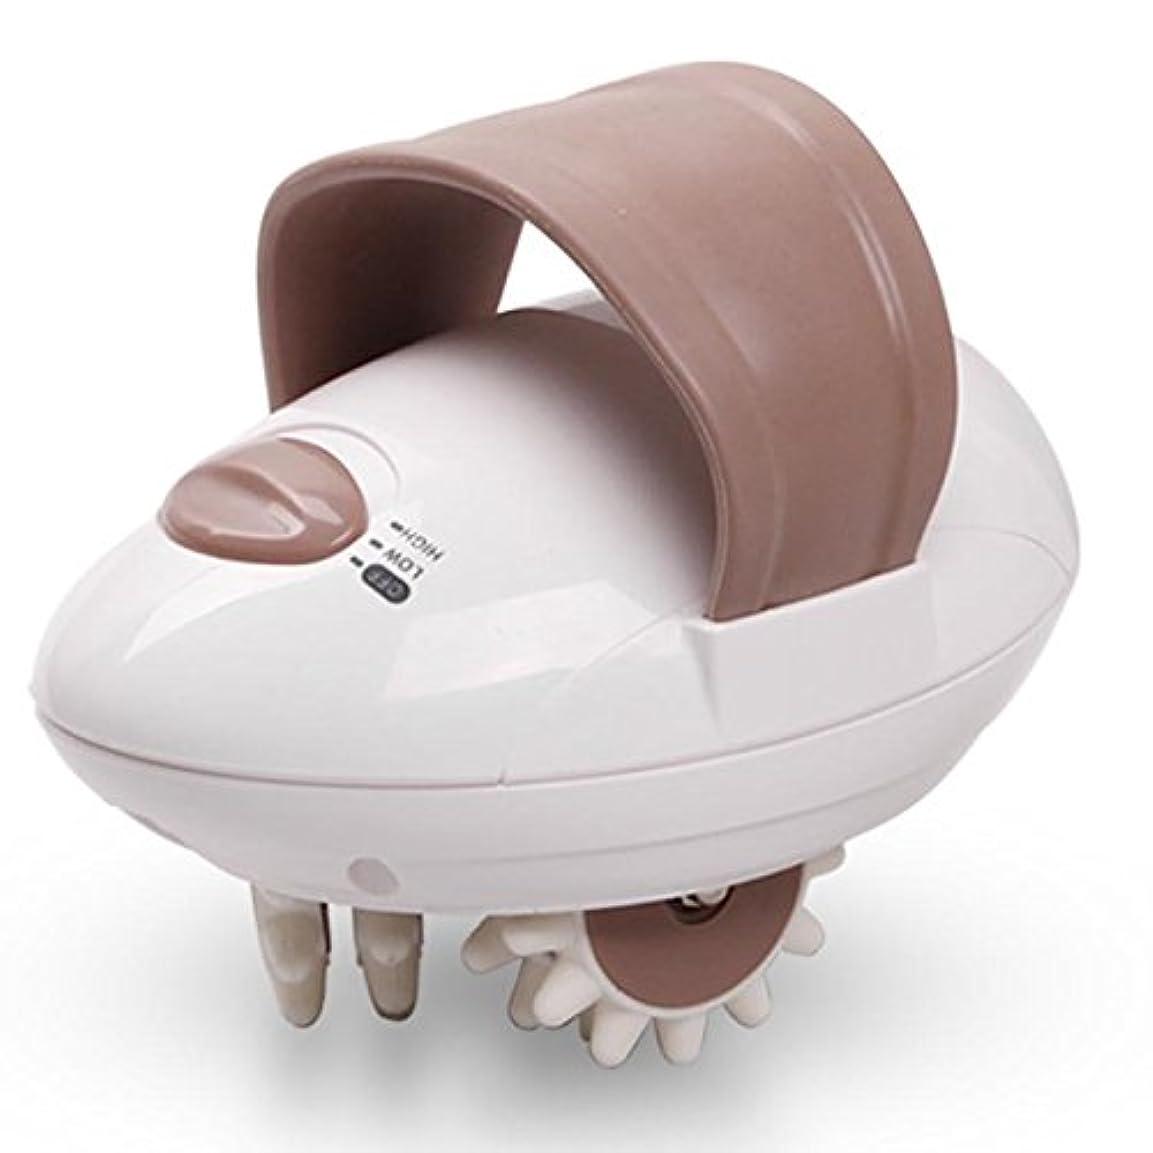 肘掛け椅子敵意青写真Liebeye マッサージ 減量 脂肪燃焼 電動フルボディマッサージローラー セルライトマッサージ スマートデバイス テンションを解放